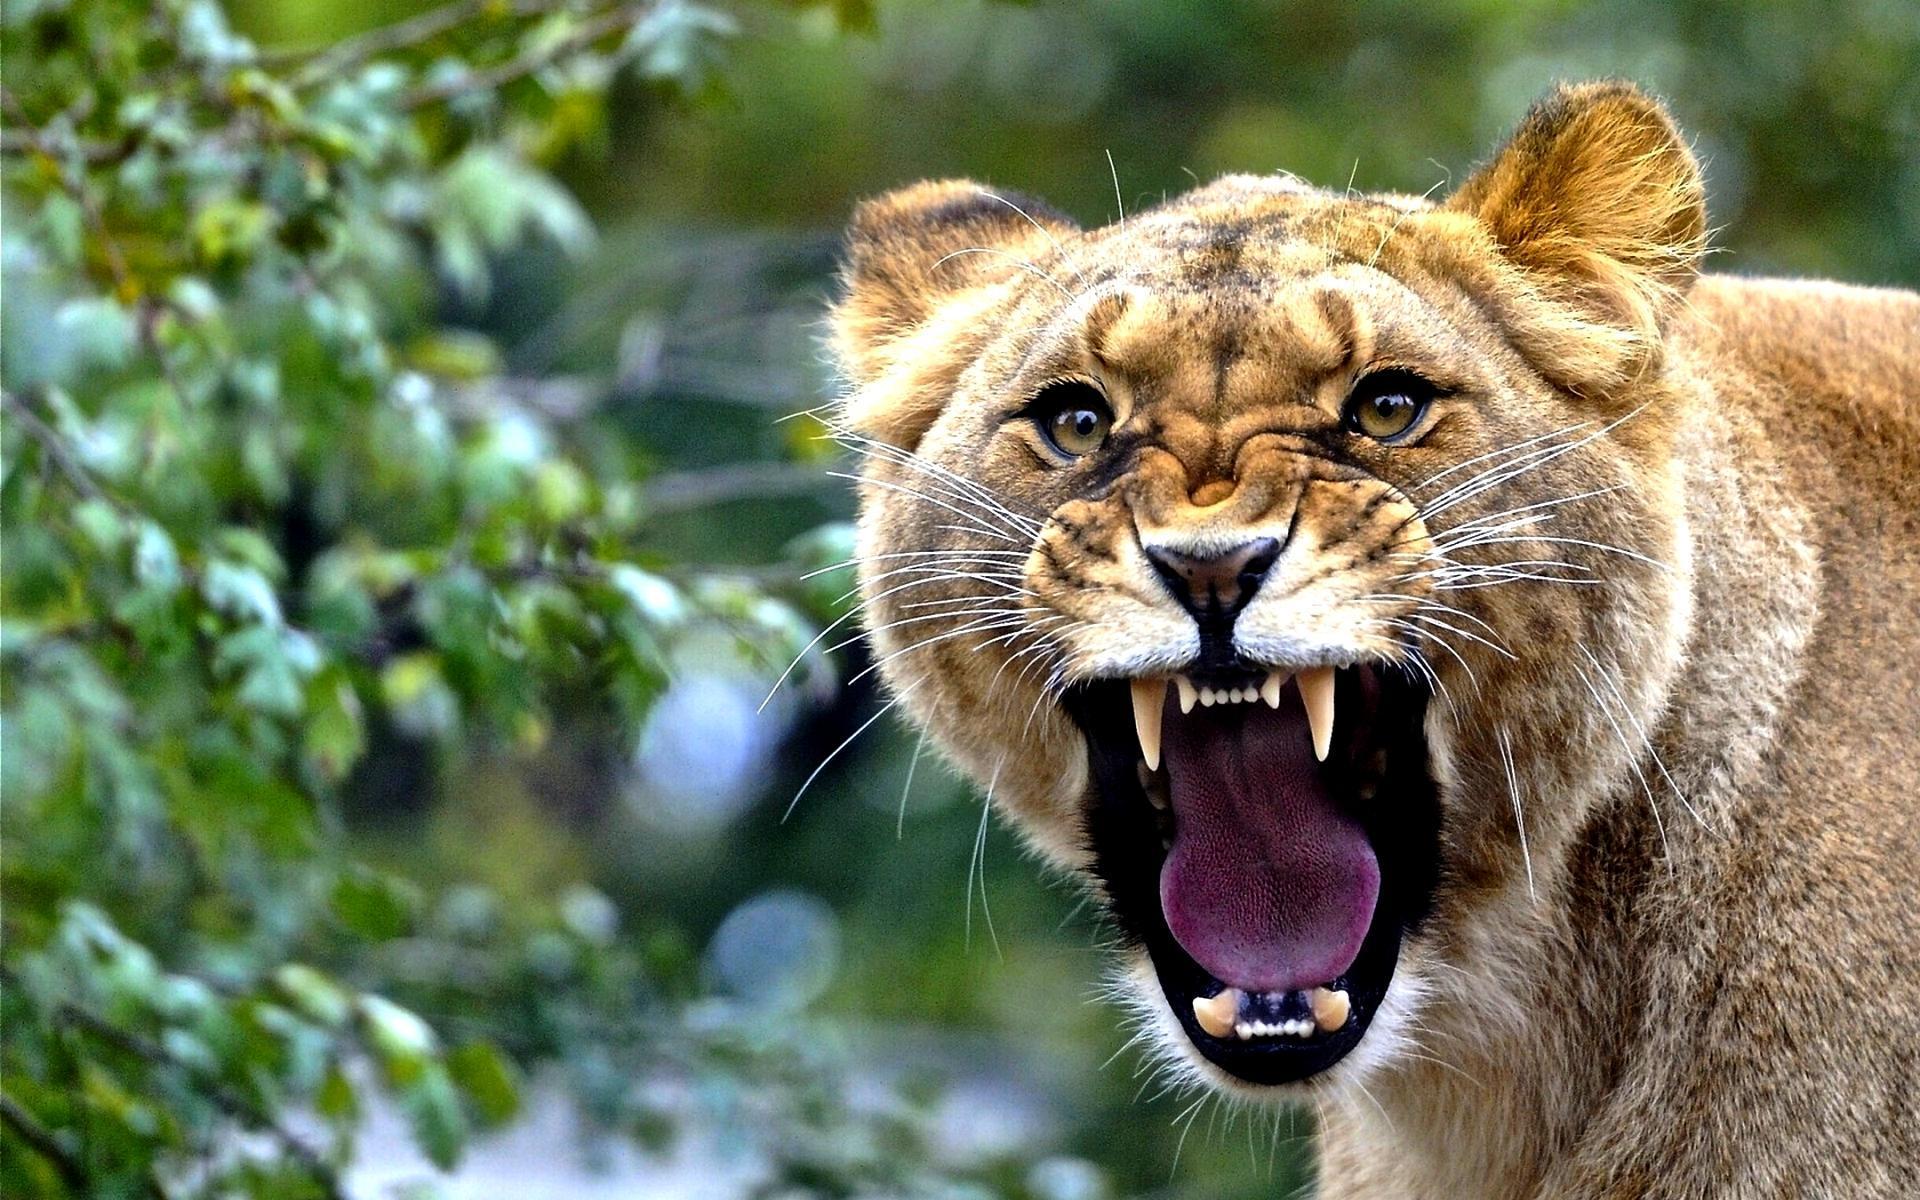 [45+] Lion Roar Wallpaper On WallpaperSafari